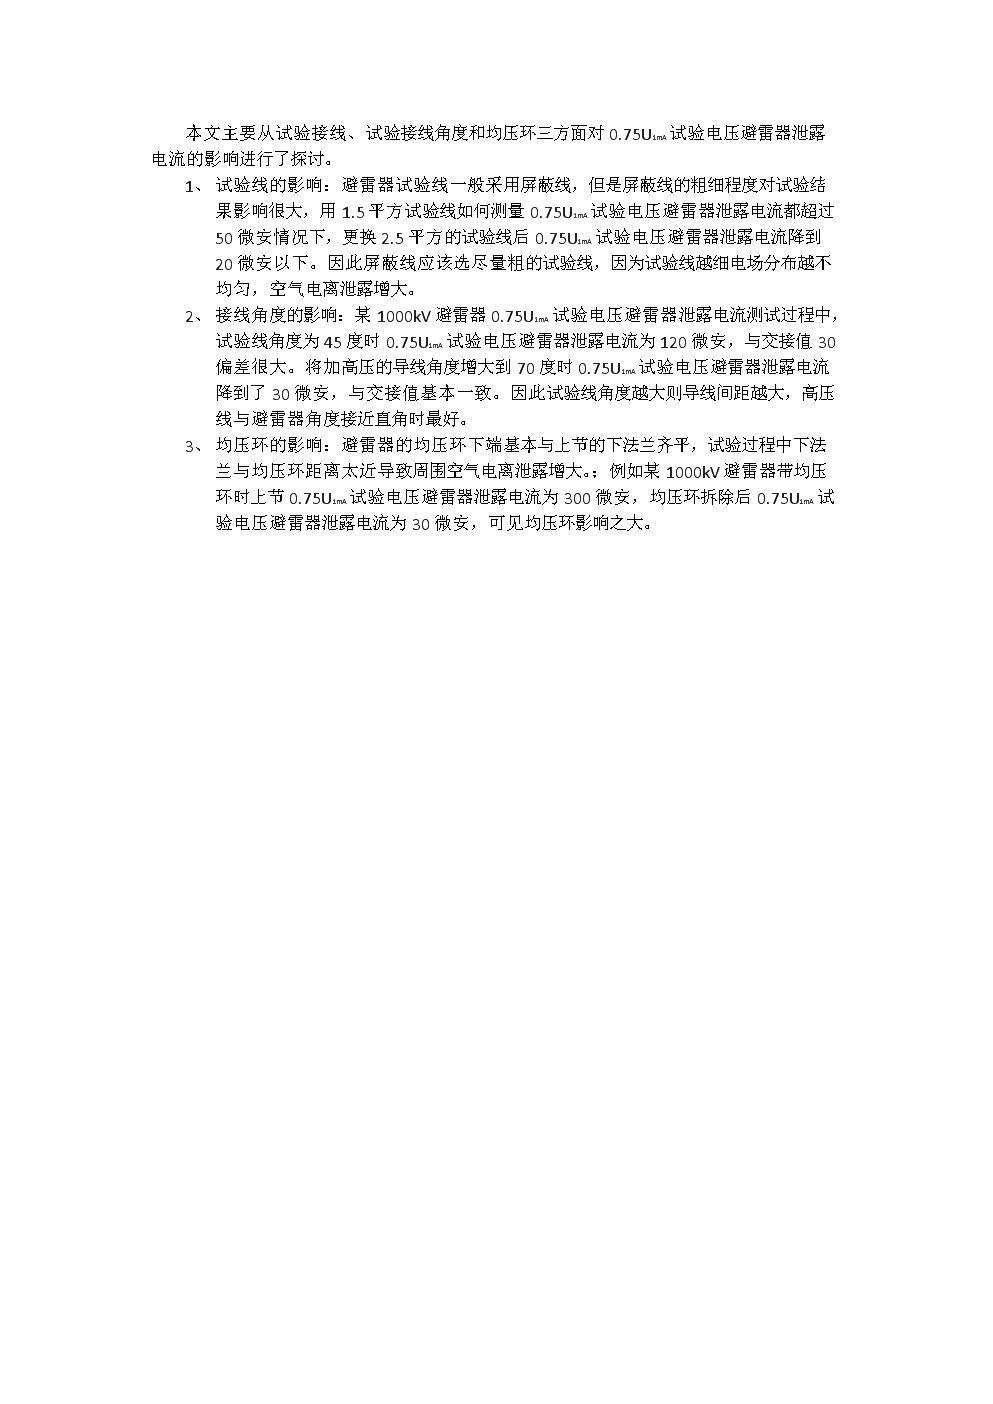 避雷器0.75U1mA泄露电流偏大原因分析.doc